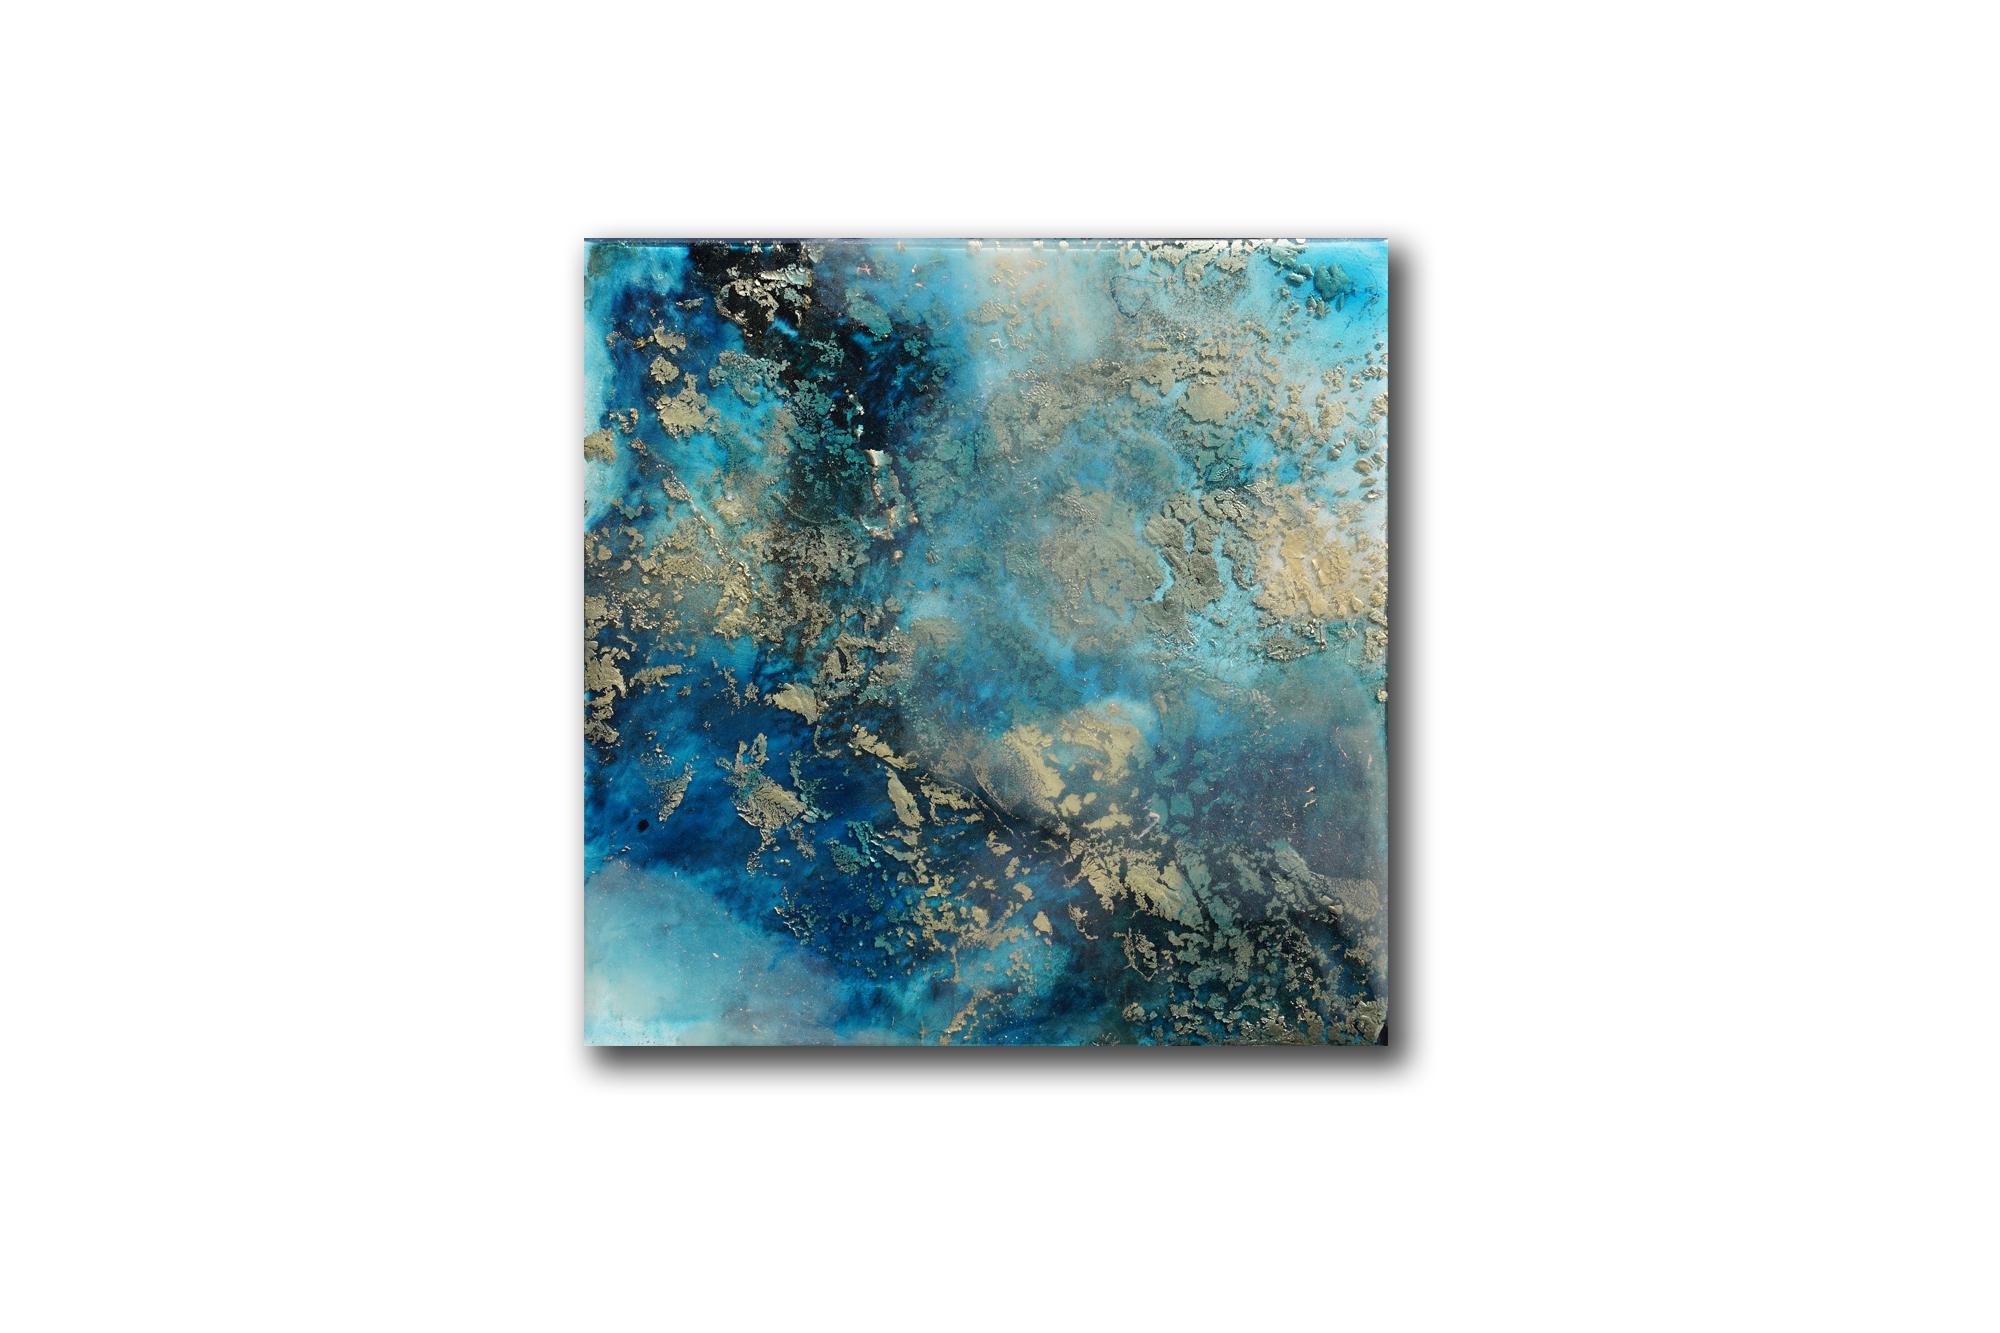 Blue Abstract 2.jpg final.jpg